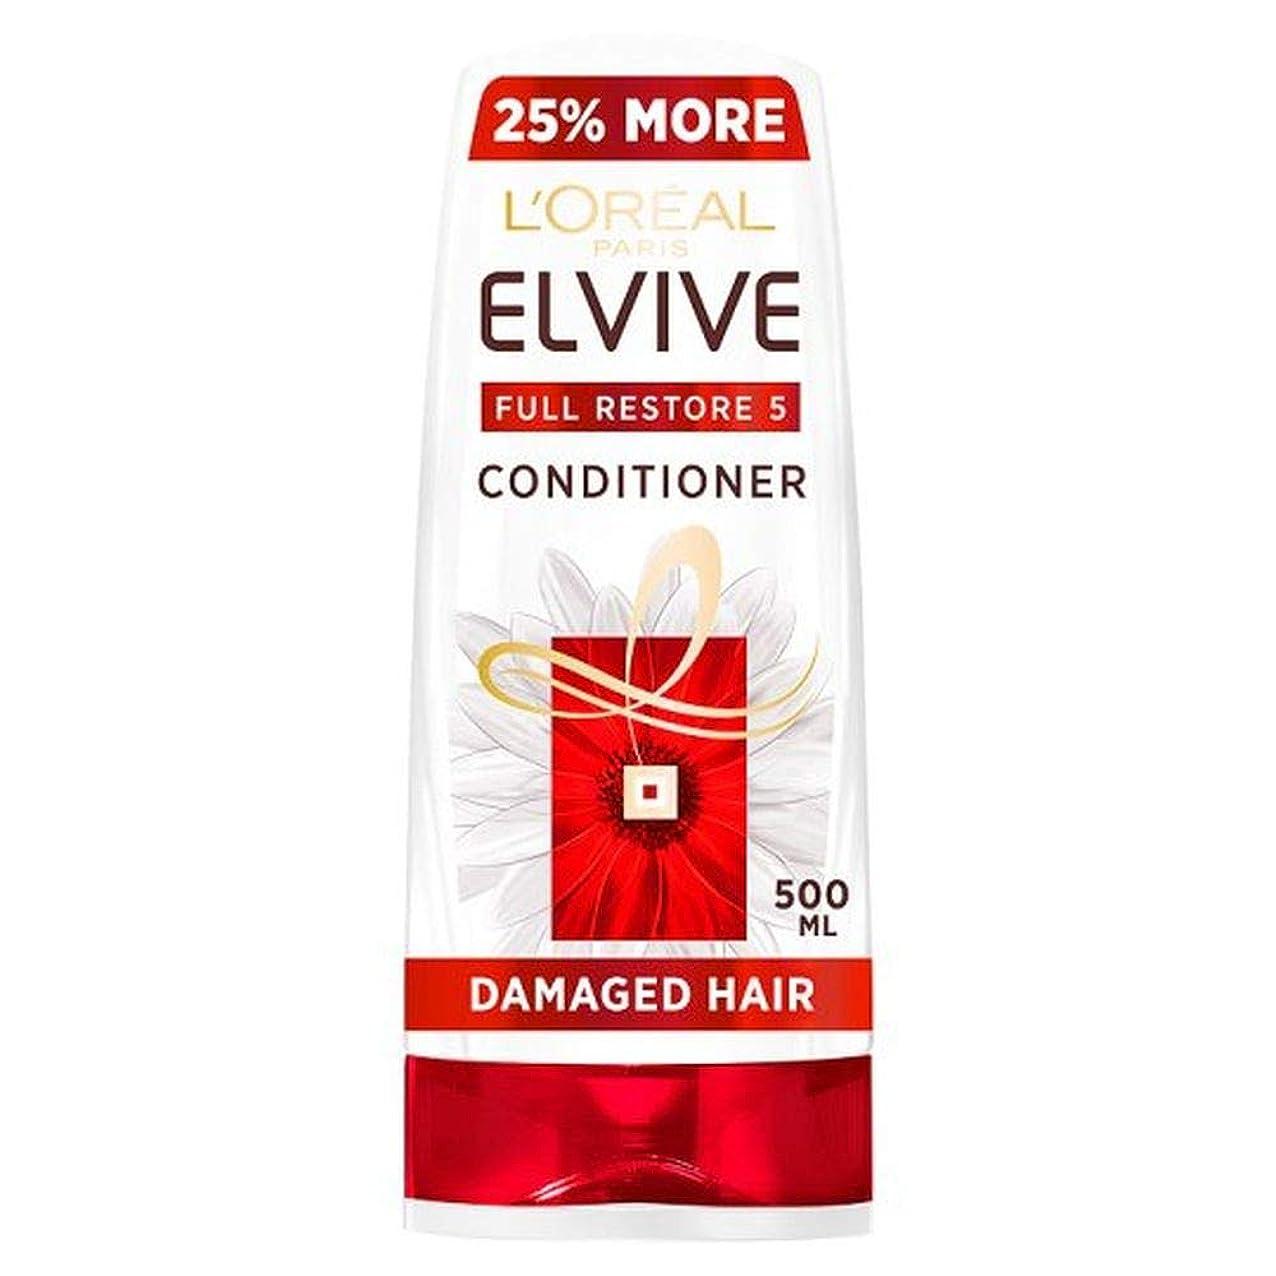 へこみ休みいう[Elvive] ロレアルElvive極度のダメージヘアコンディショナー500ミリリットル - L'oreal Elvive Extreme Damaged Hair Conditioner 500Ml [並行輸入品]